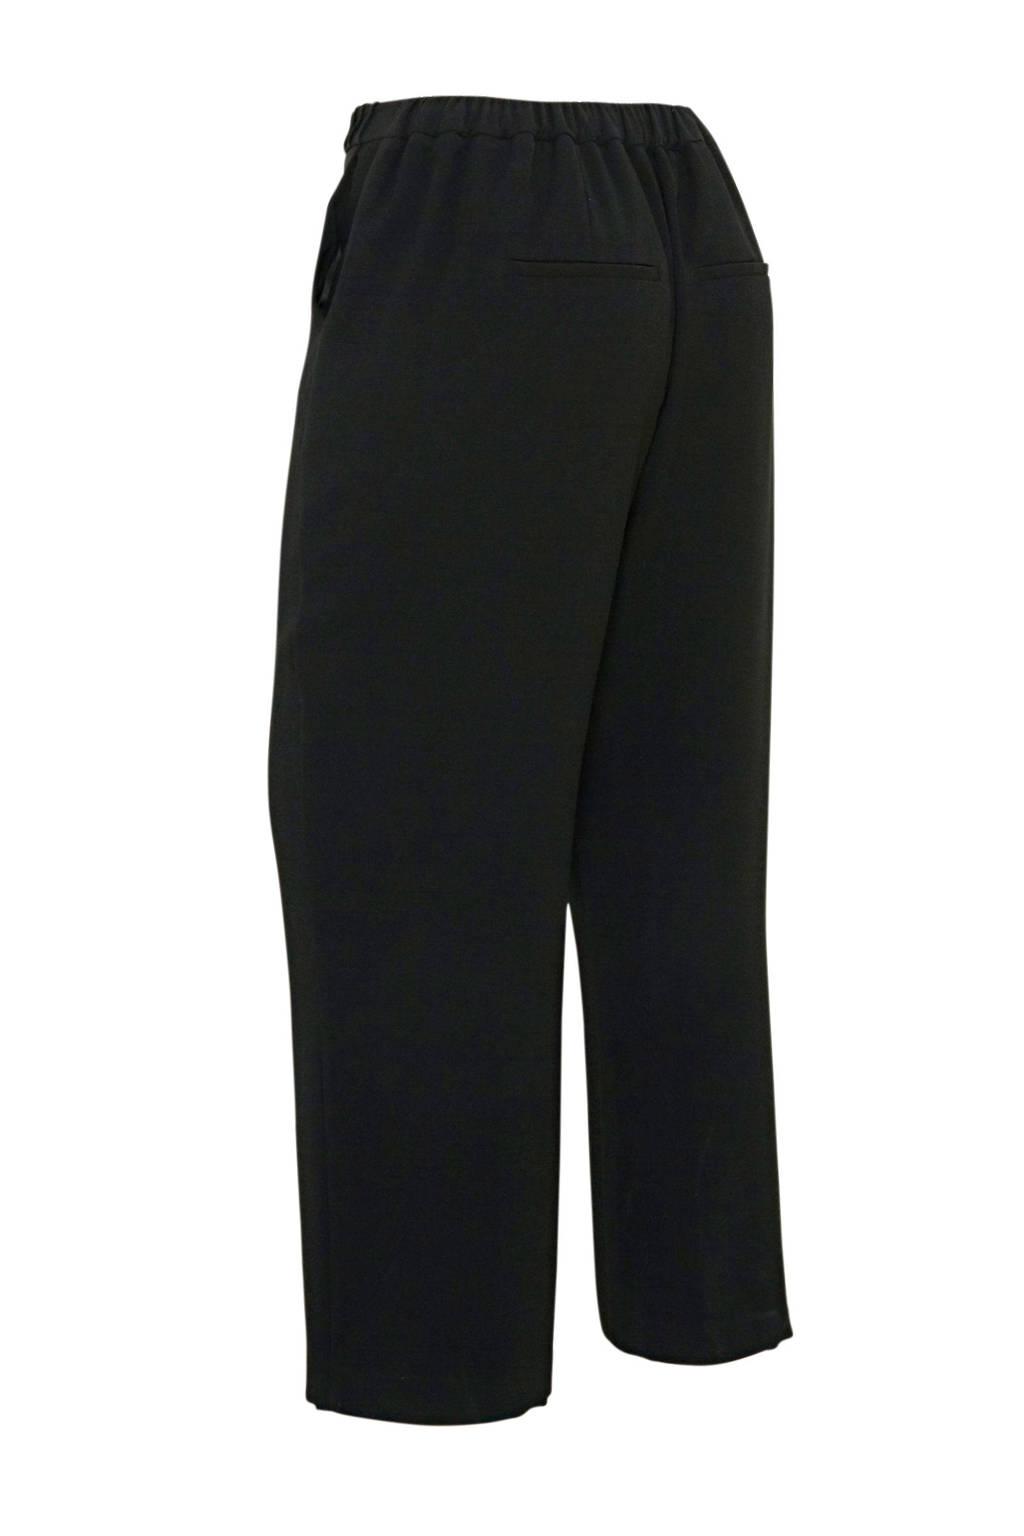 Yesta straight fit broek zwart, Zwart